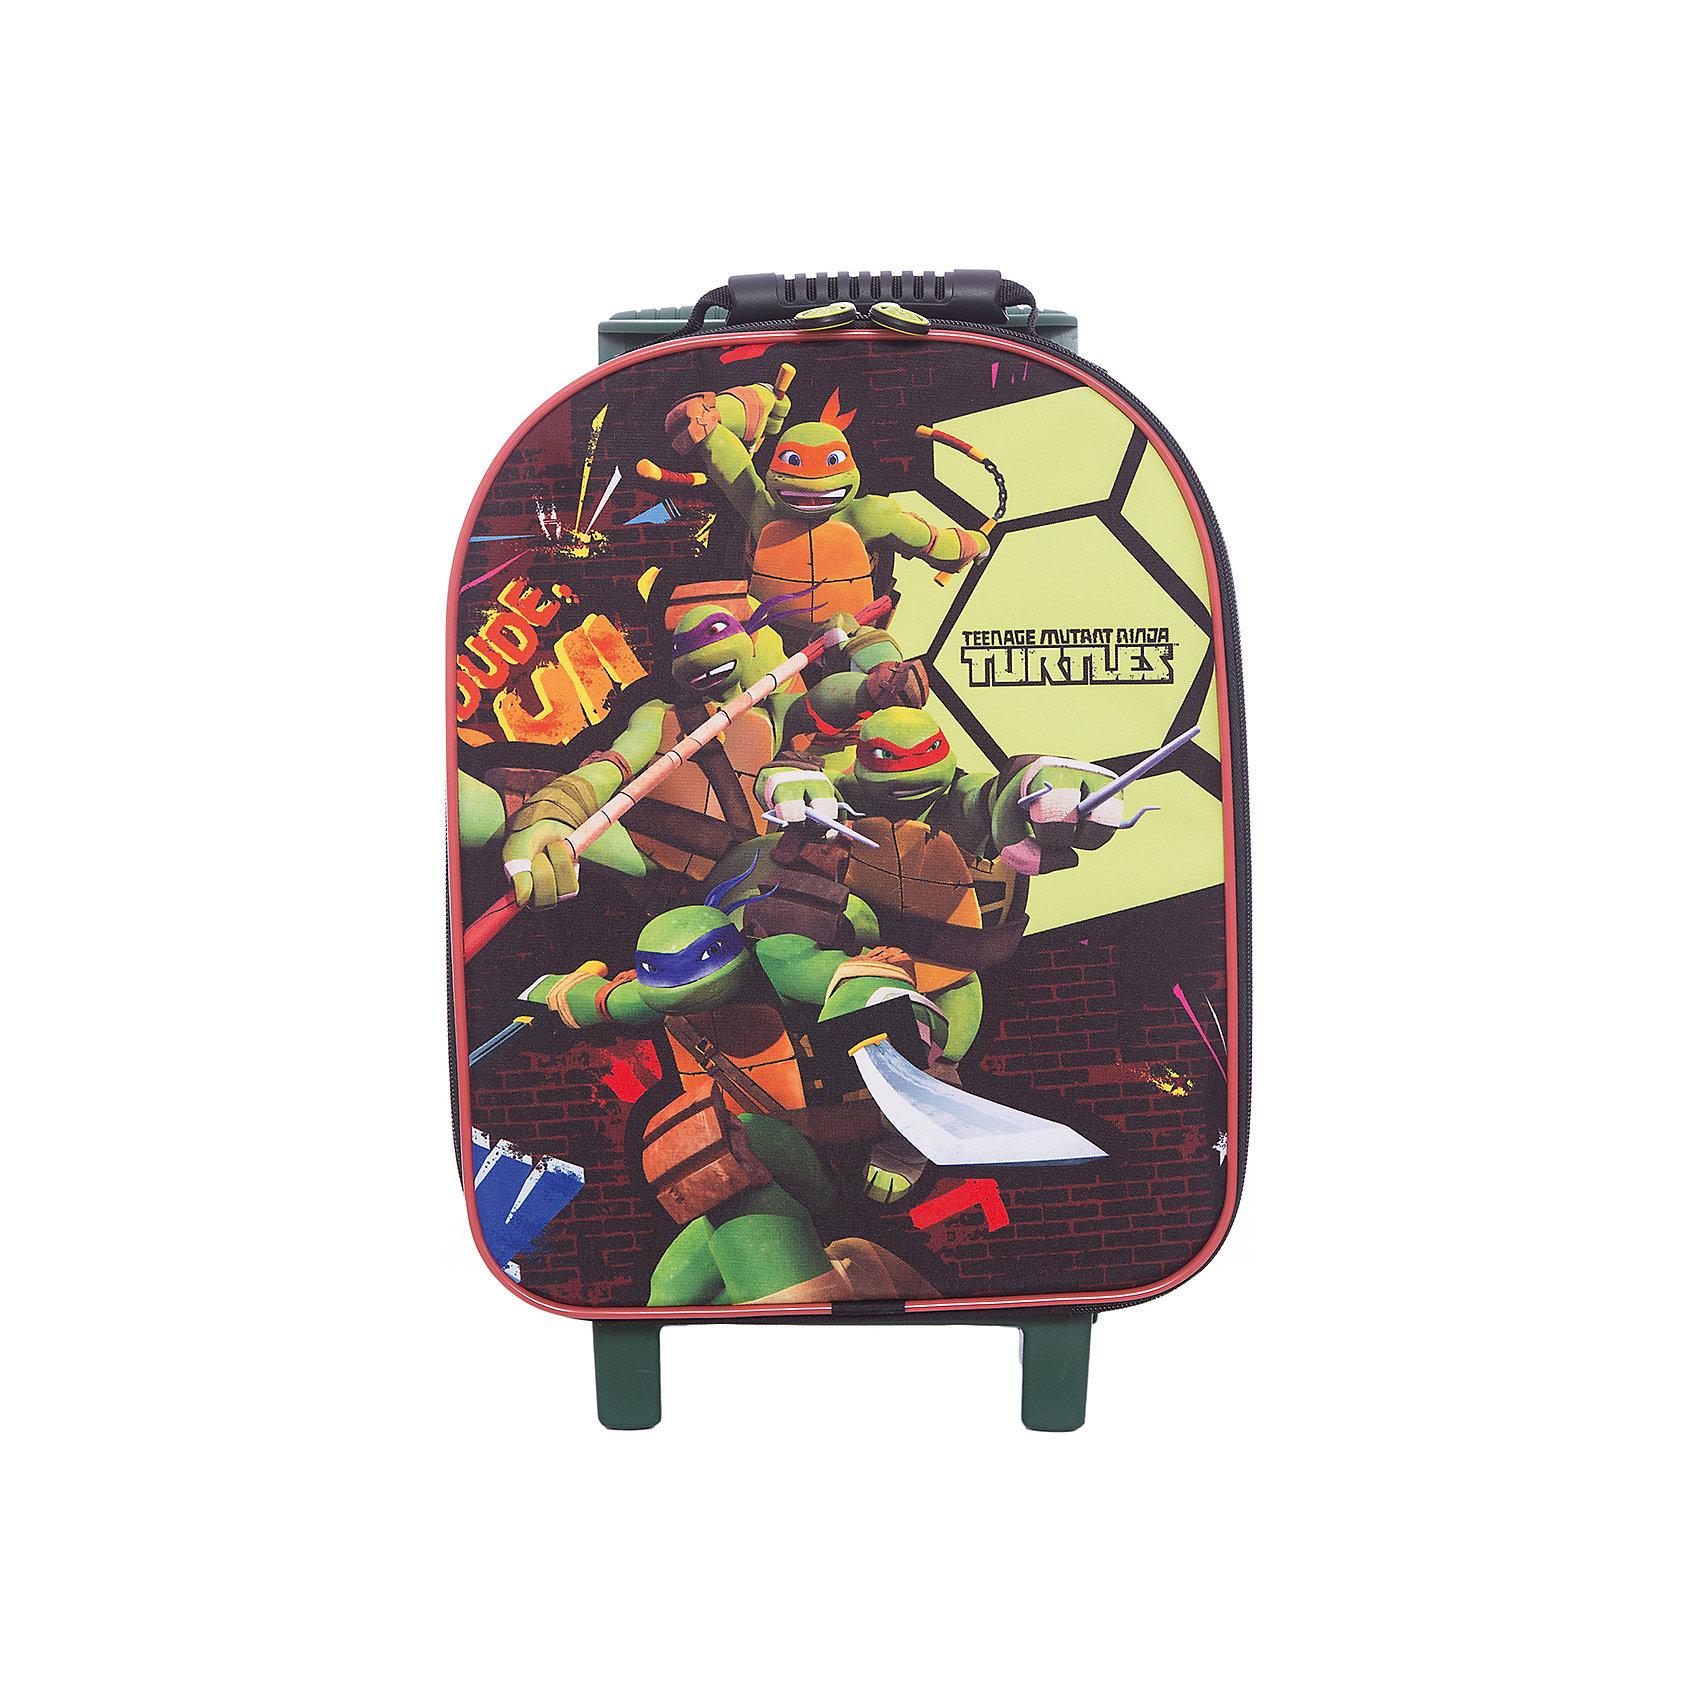 Сумка на колесах Черепашки-ниндзяСобственный чемодан поможет ребенку почувствовать себя совсем как взрослые! Героев мультфильма Черепашки-ниндзя обожает большинство современных мальчишек, поэтому чемодан с их изображением станет желанным подарком для ребенка. Это изделие отлично сшито. Материал - прочный, износостойкий в водонепроницаемый. <br>Удобную ручку можно регулировать. В чемодане есть большое отделение на молнии. Это вместительная и симпатичная модель, обеспечивающая ребенку комфорт. Чемодан произведен из качественных материалов, безопасных для ребенка.<br><br>Дополнительная информация:<br><br>цвет: зеленый;<br>материал: текстиль, металл, пластик;<br>размер: 40 х 32 х 16 см;<br>вес: 2 кг.<br><br>Сумку дна колесах Черепашки-ниндзя от компании Gulliver можно купить в нашем магазине.<br><br>Ширина мм: 310<br>Глубина мм: 200<br>Высота мм: 470<br>Вес г: 2550<br>Возраст от месяцев: 36<br>Возраст до месяцев: 2147483647<br>Пол: Унисекс<br>Возраст: Детский<br>SKU: 4918581